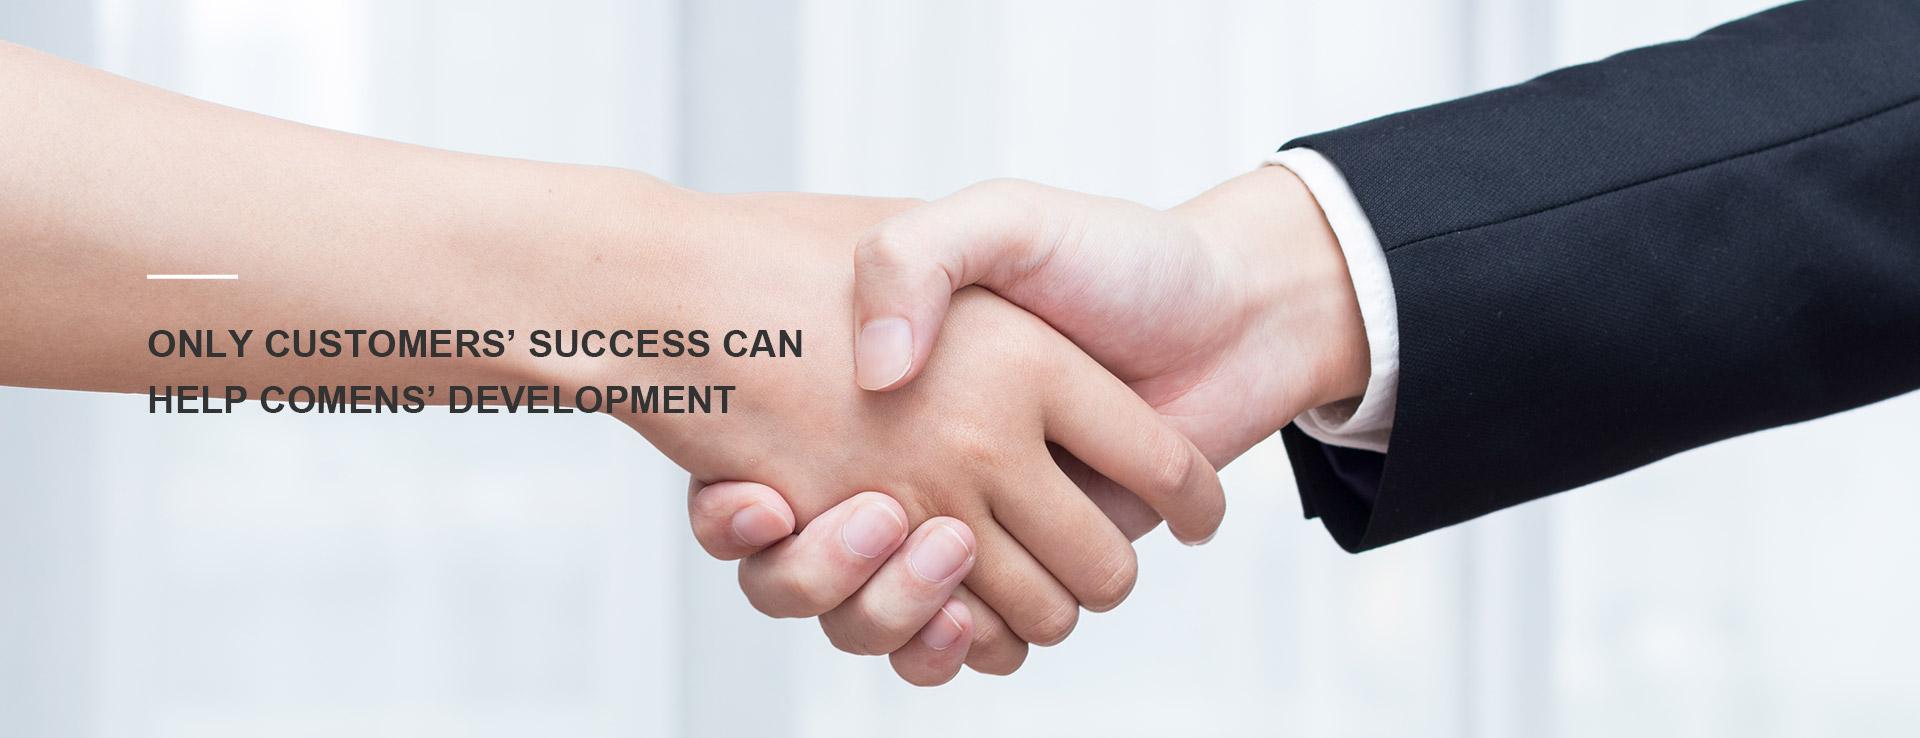 Only CustomersSuccess Can Help Comens Development